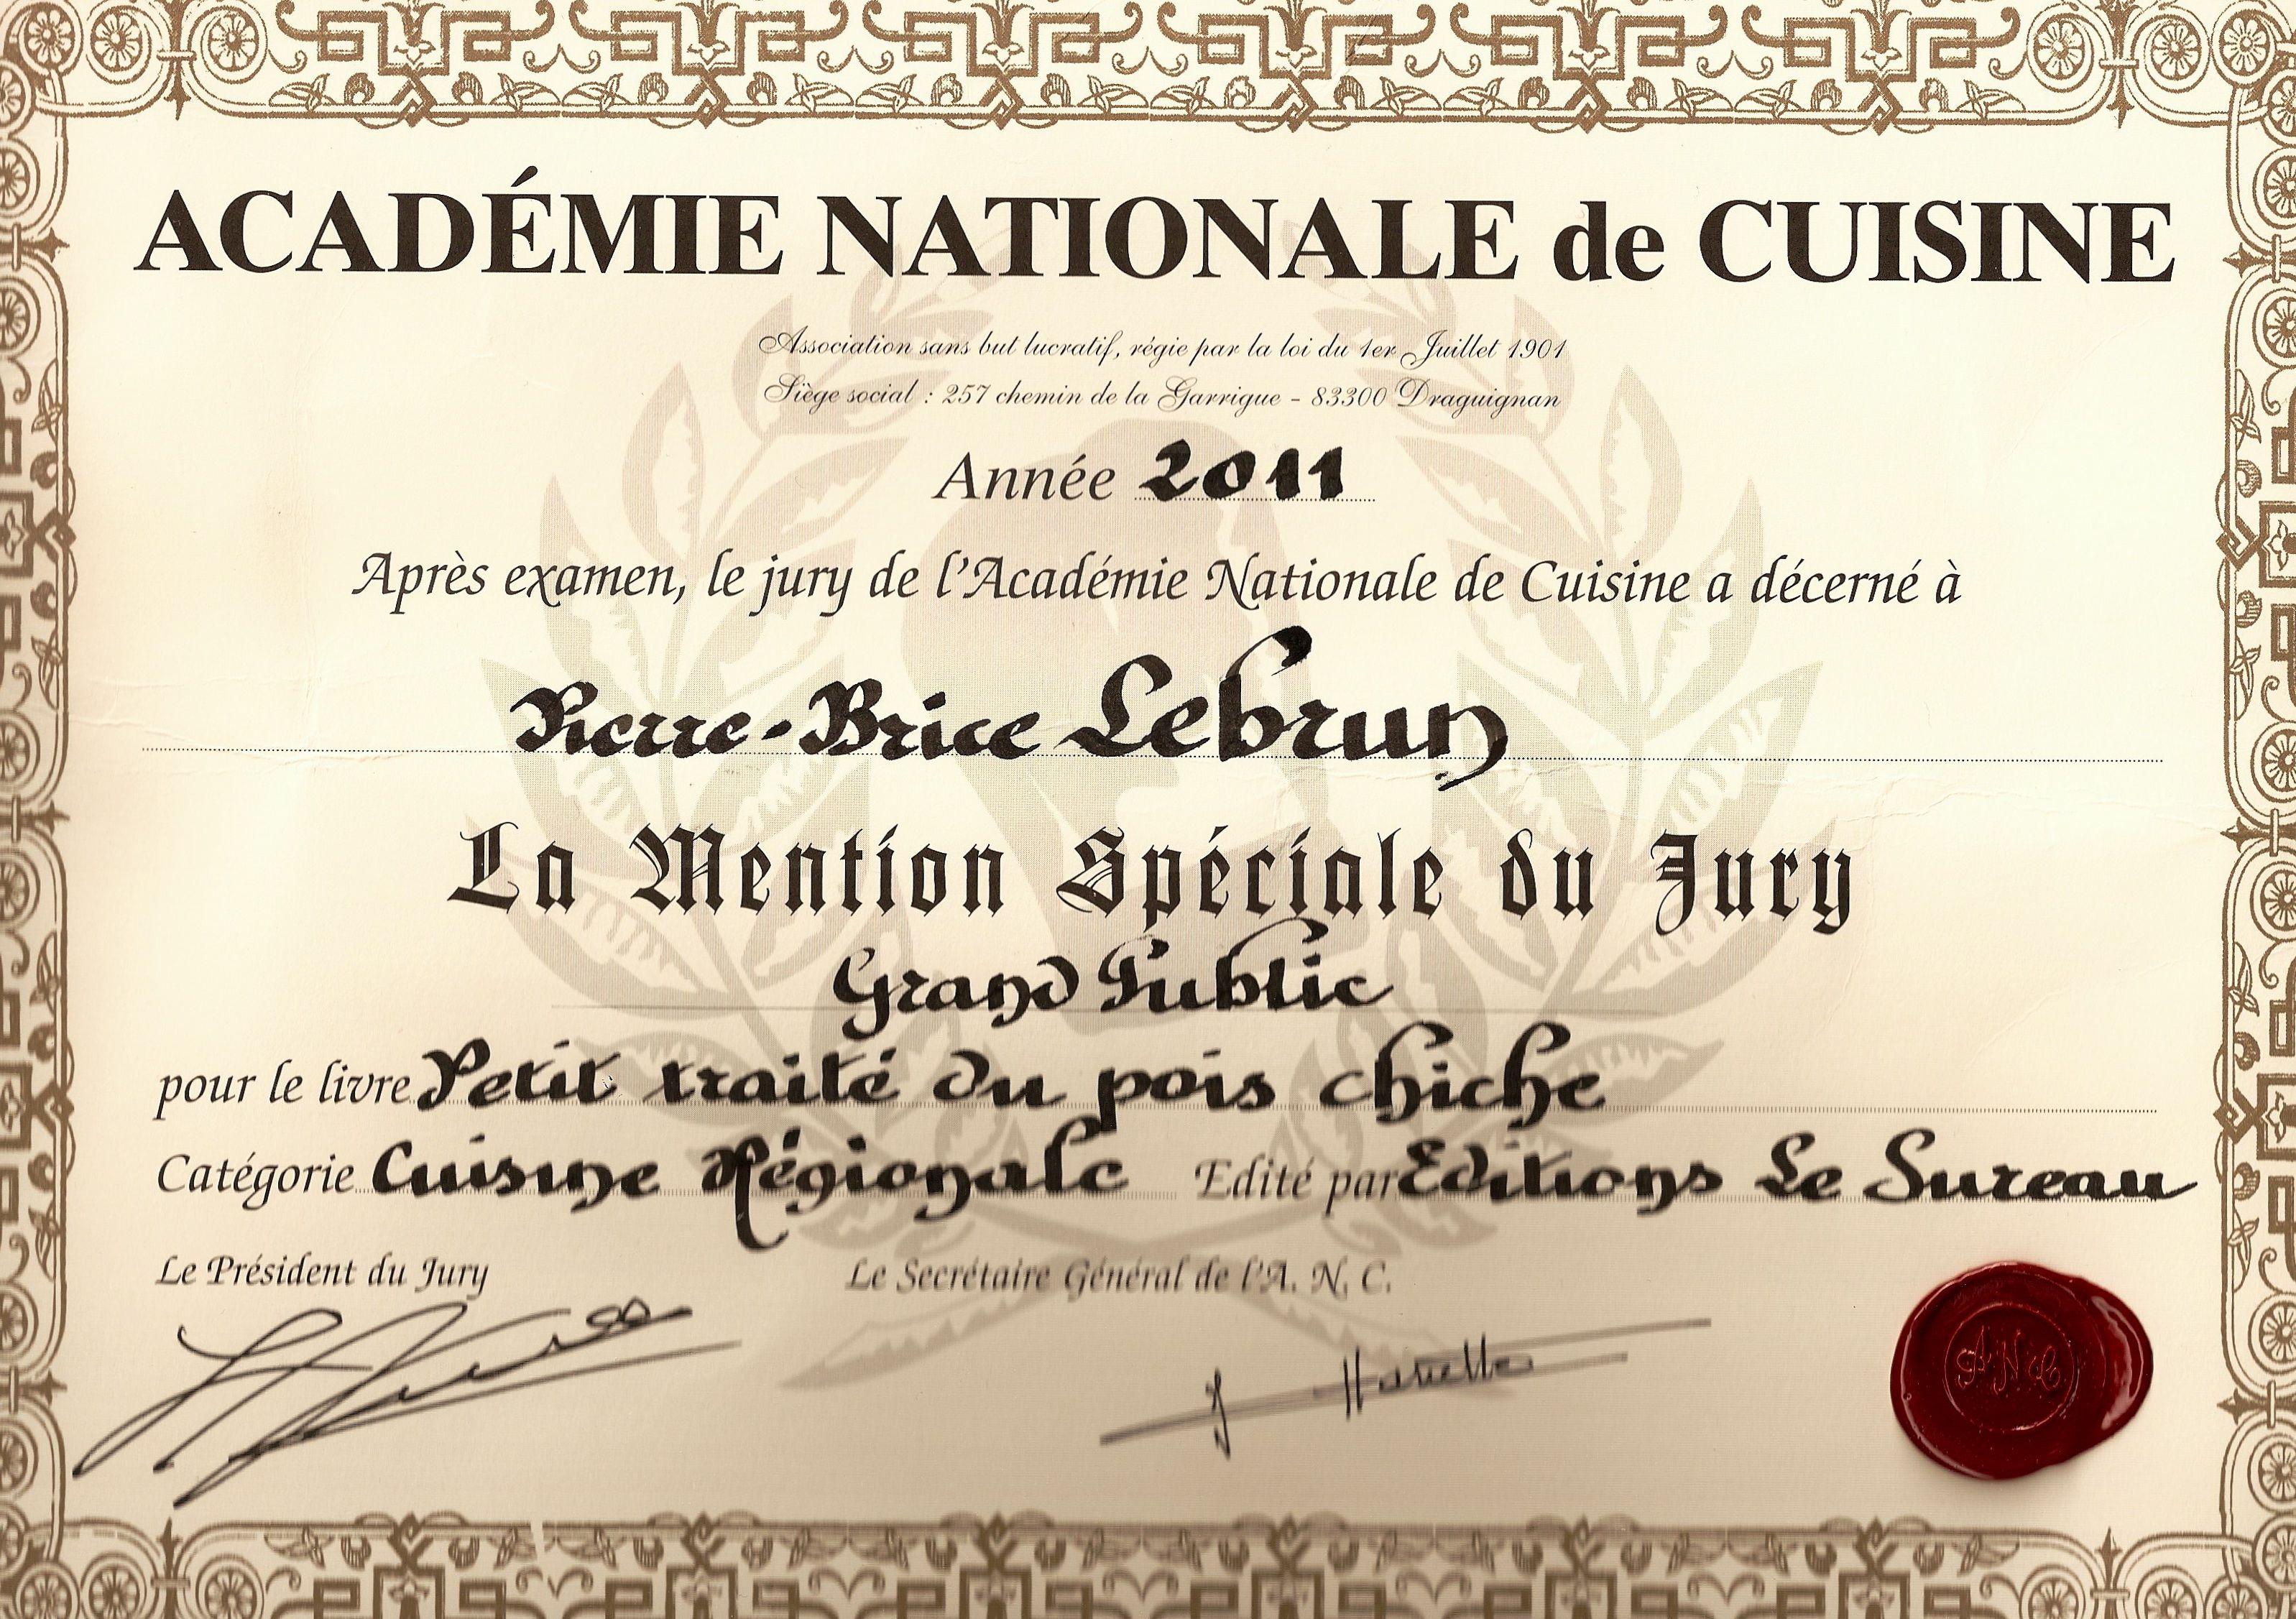 Bouquins le blog de pierre brice lebrun for Academie nationale de cuisine